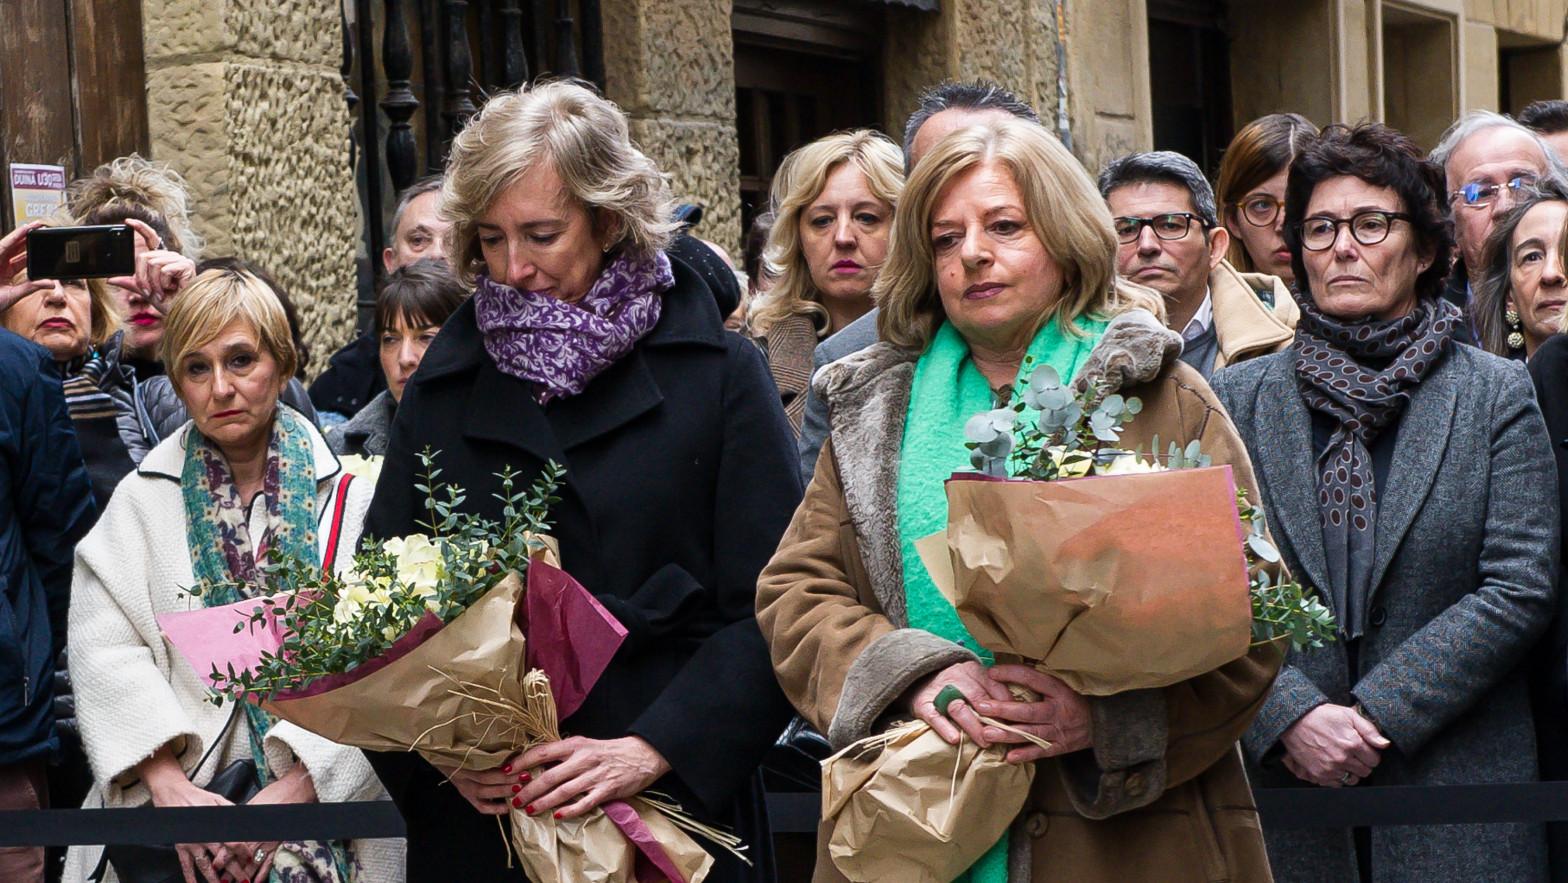 Covite no asistirá tampoco este próximo domingo al homenaje a víctimas del terrorismo del Congreso